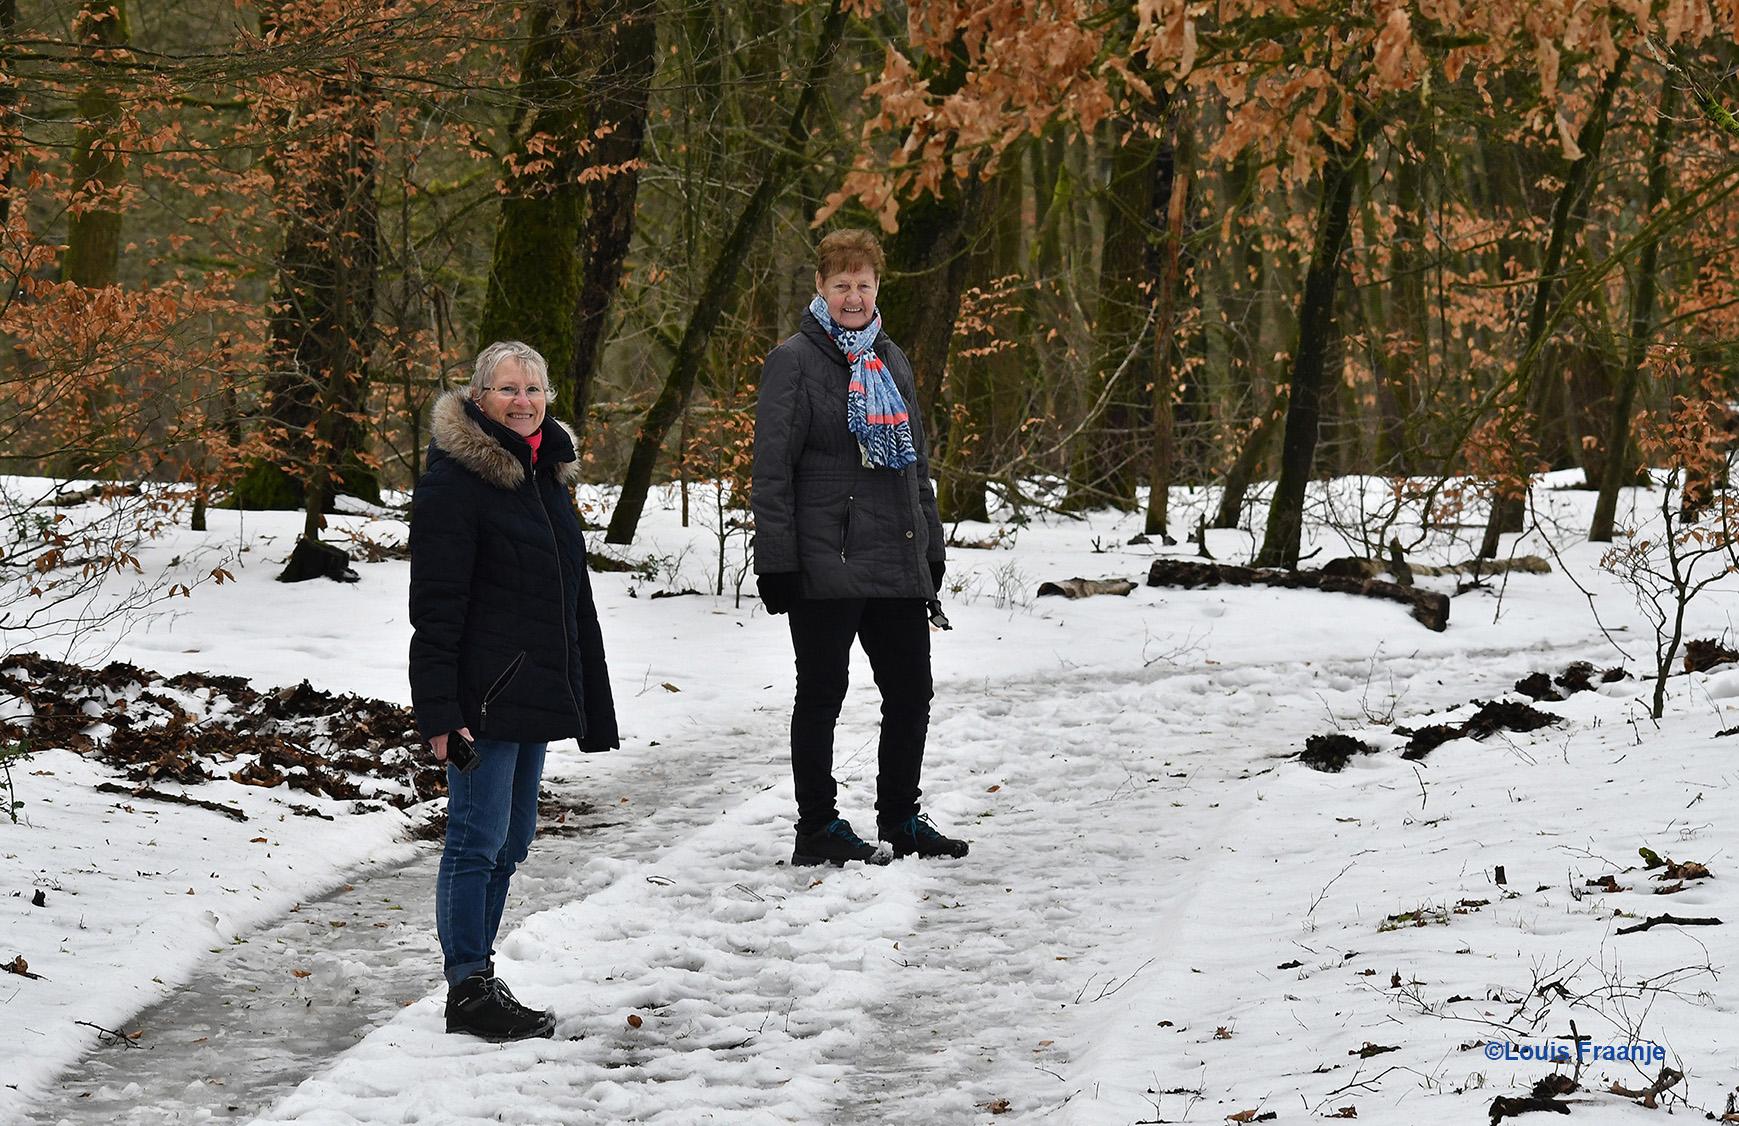 Fransien en Jannie genieten zichtbaar van de laatste sneeuw in het bos - Foto: ©Louis Fraanje